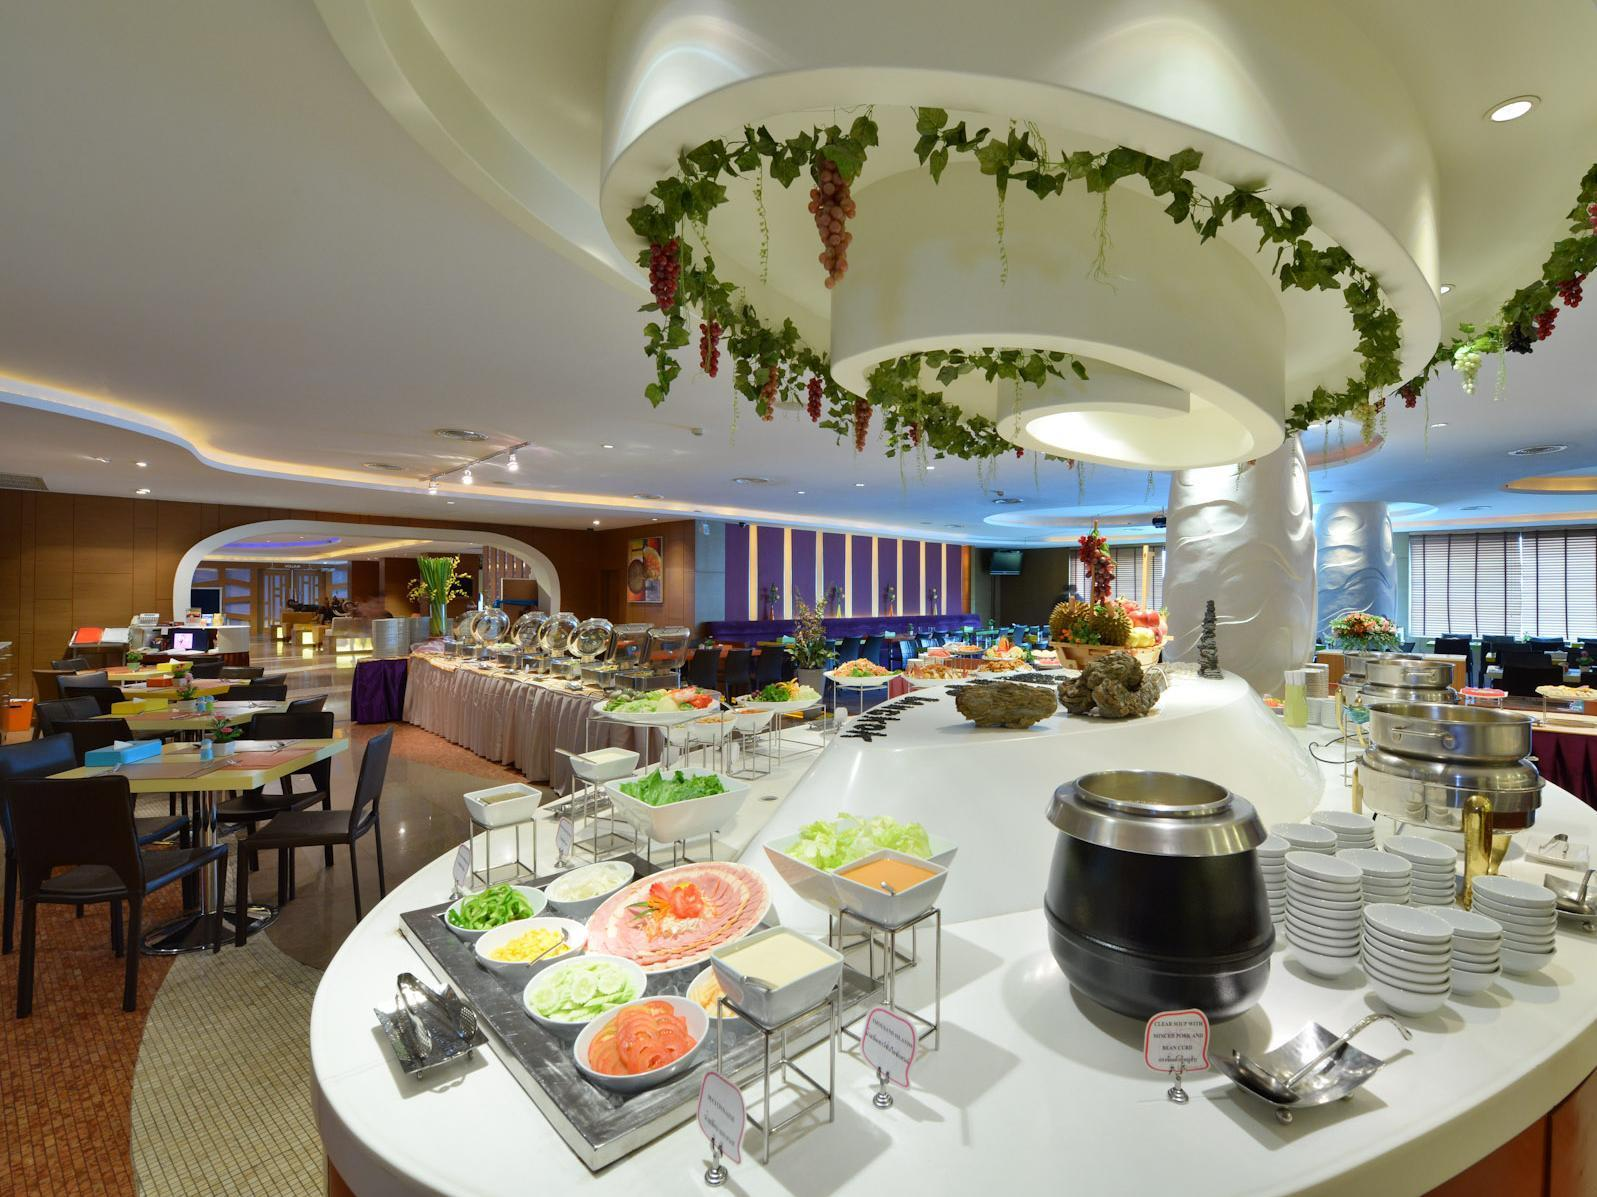 ヒップ ホテル バンコク14